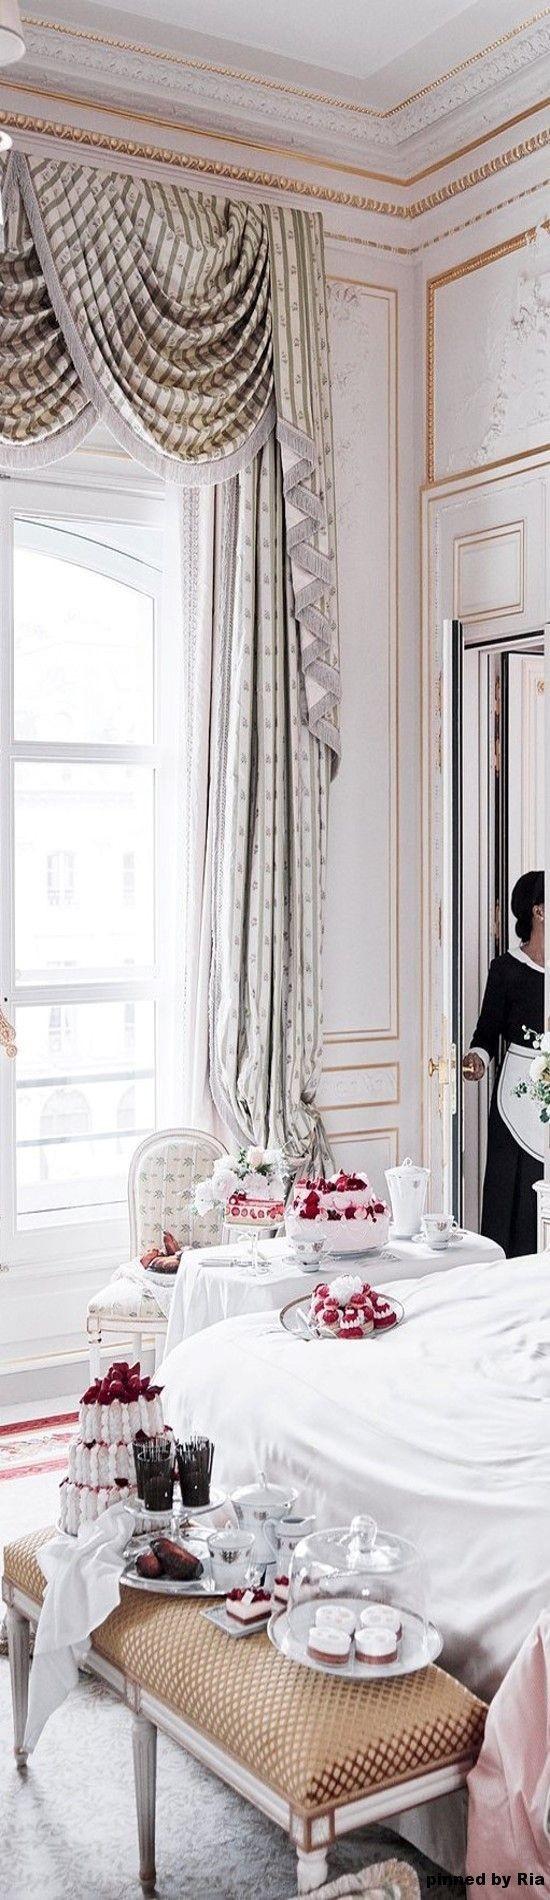 Pin von Laura Rogers auf Parisian Chic | La villa ...